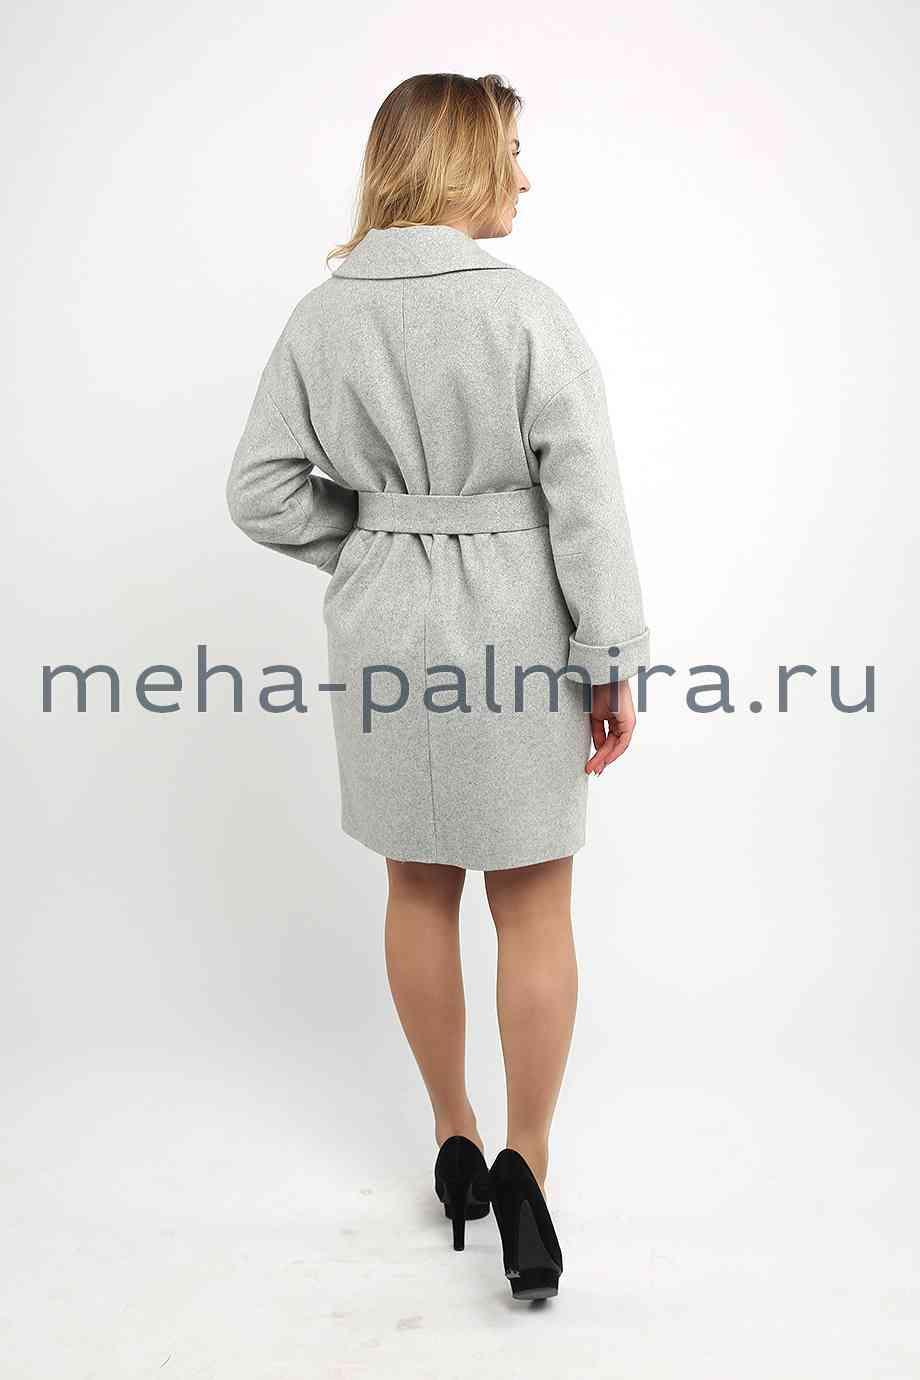 Светлое пальто с поясом